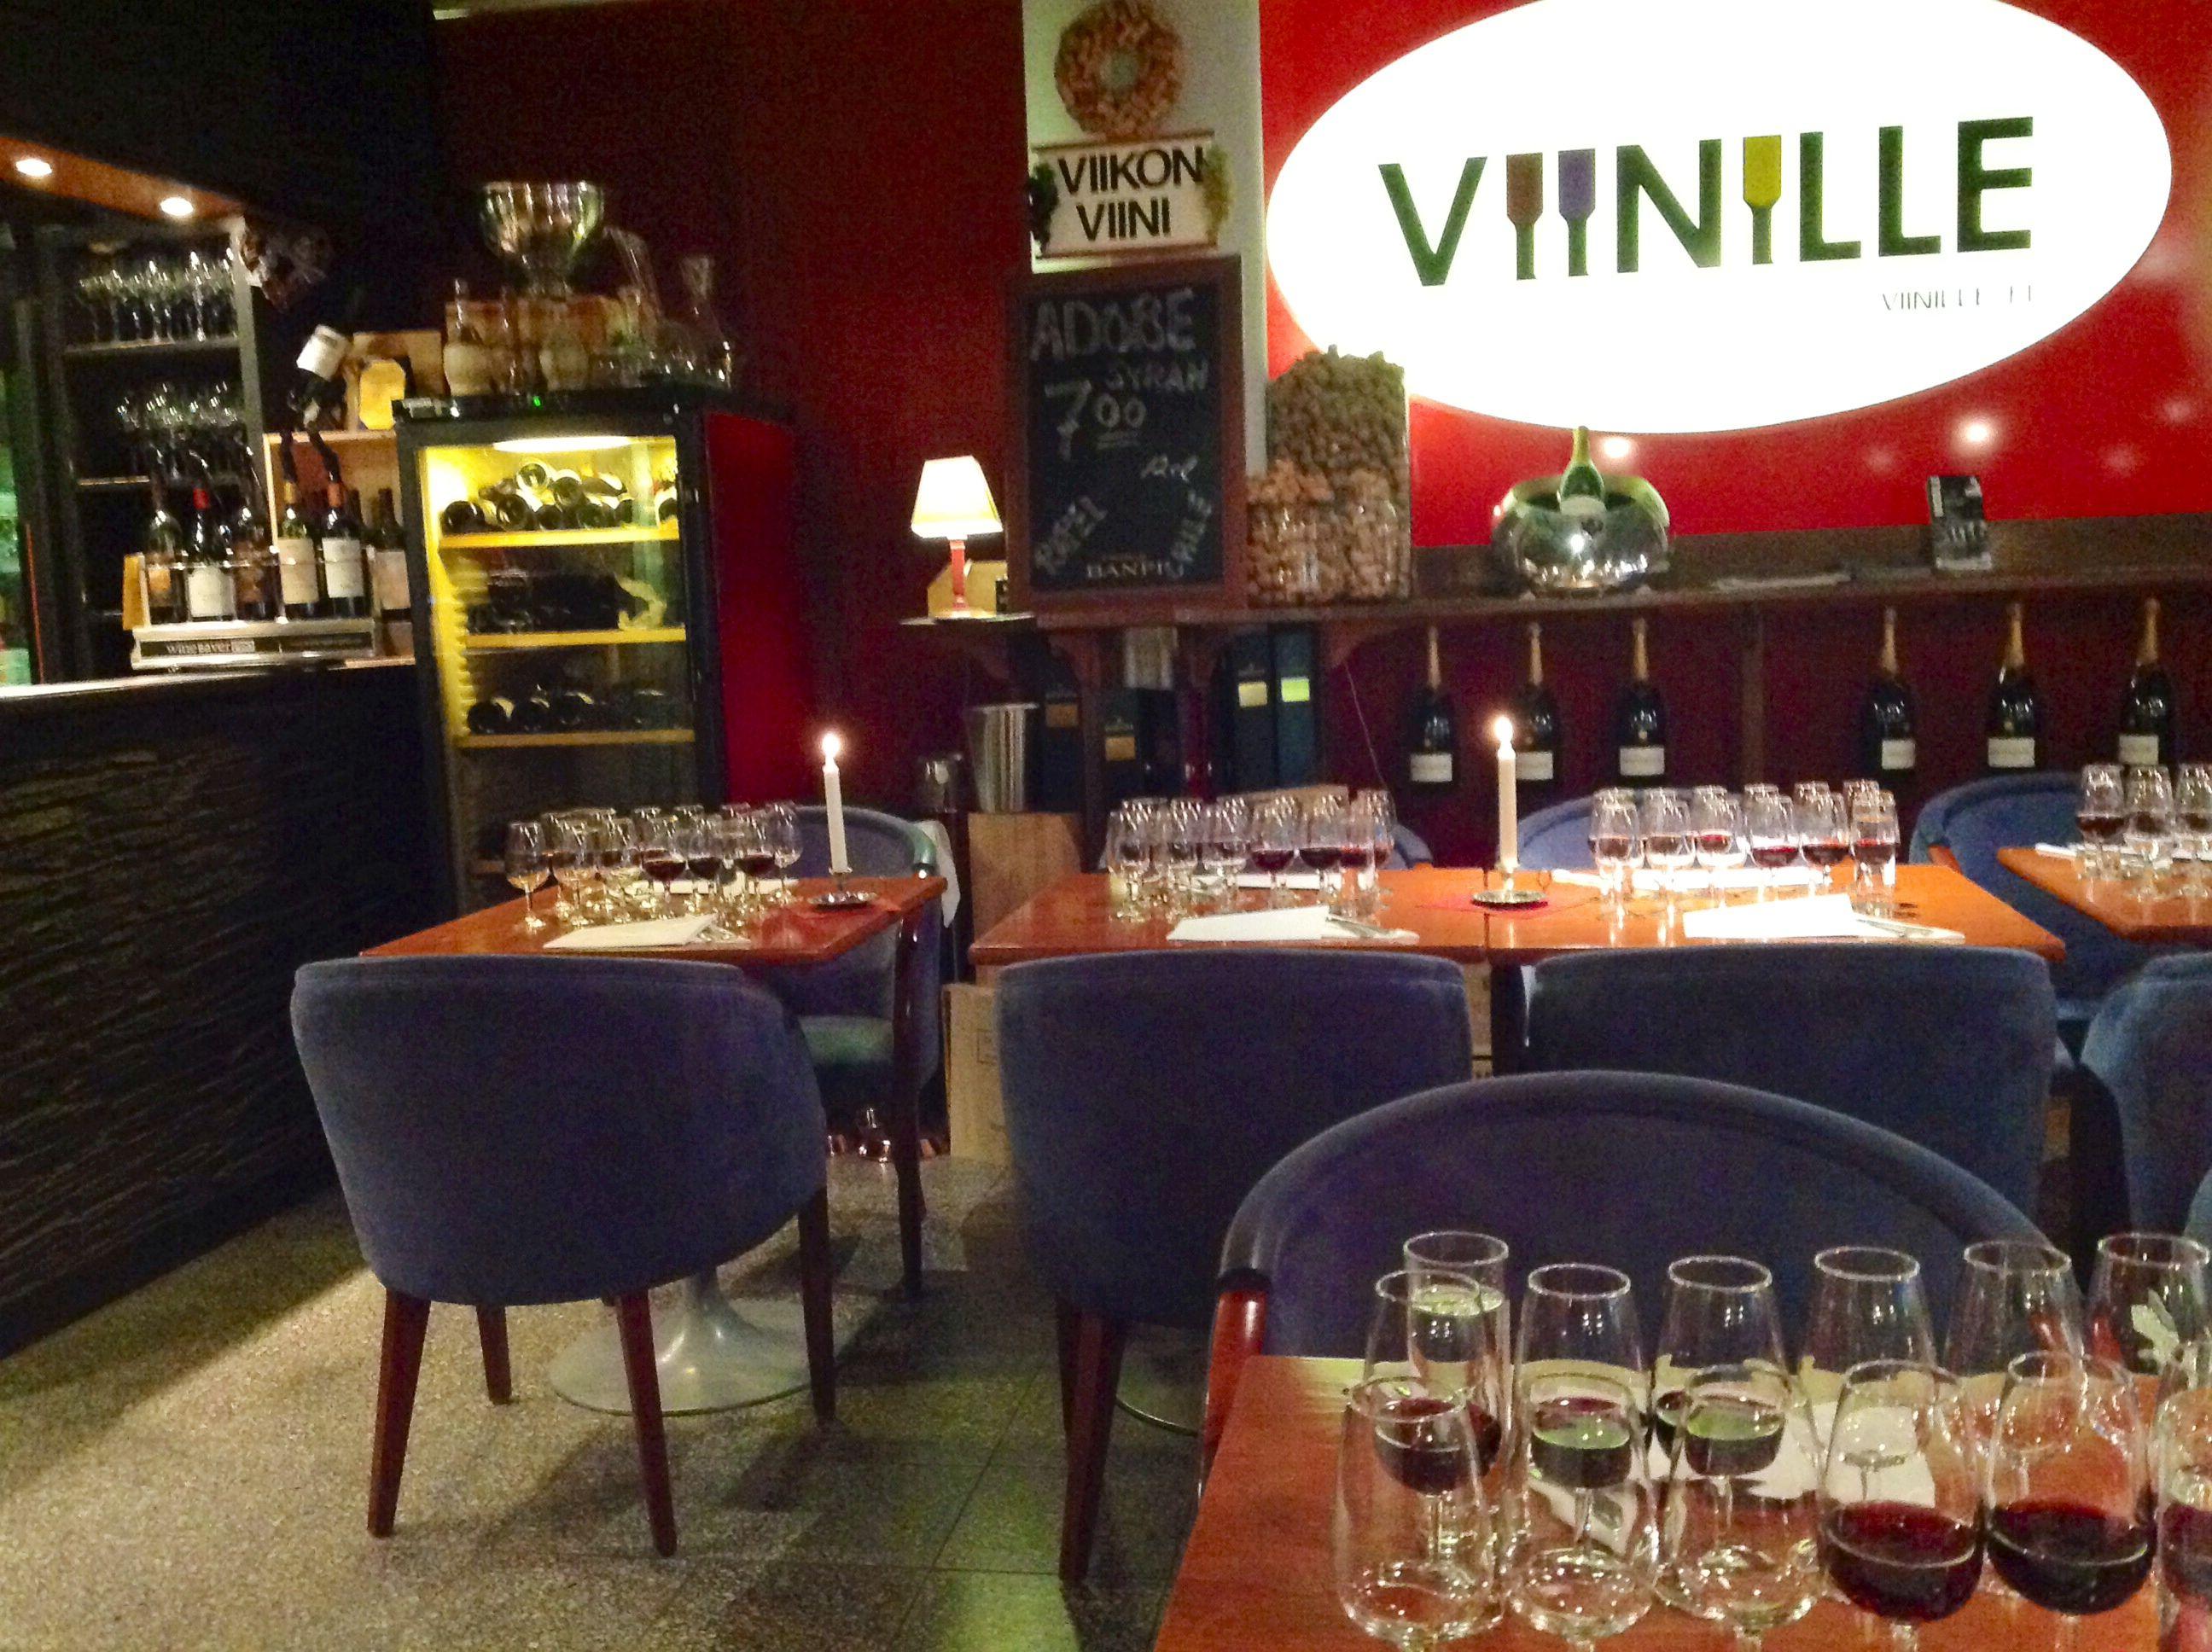 Etusivu - Ravintola Viinille